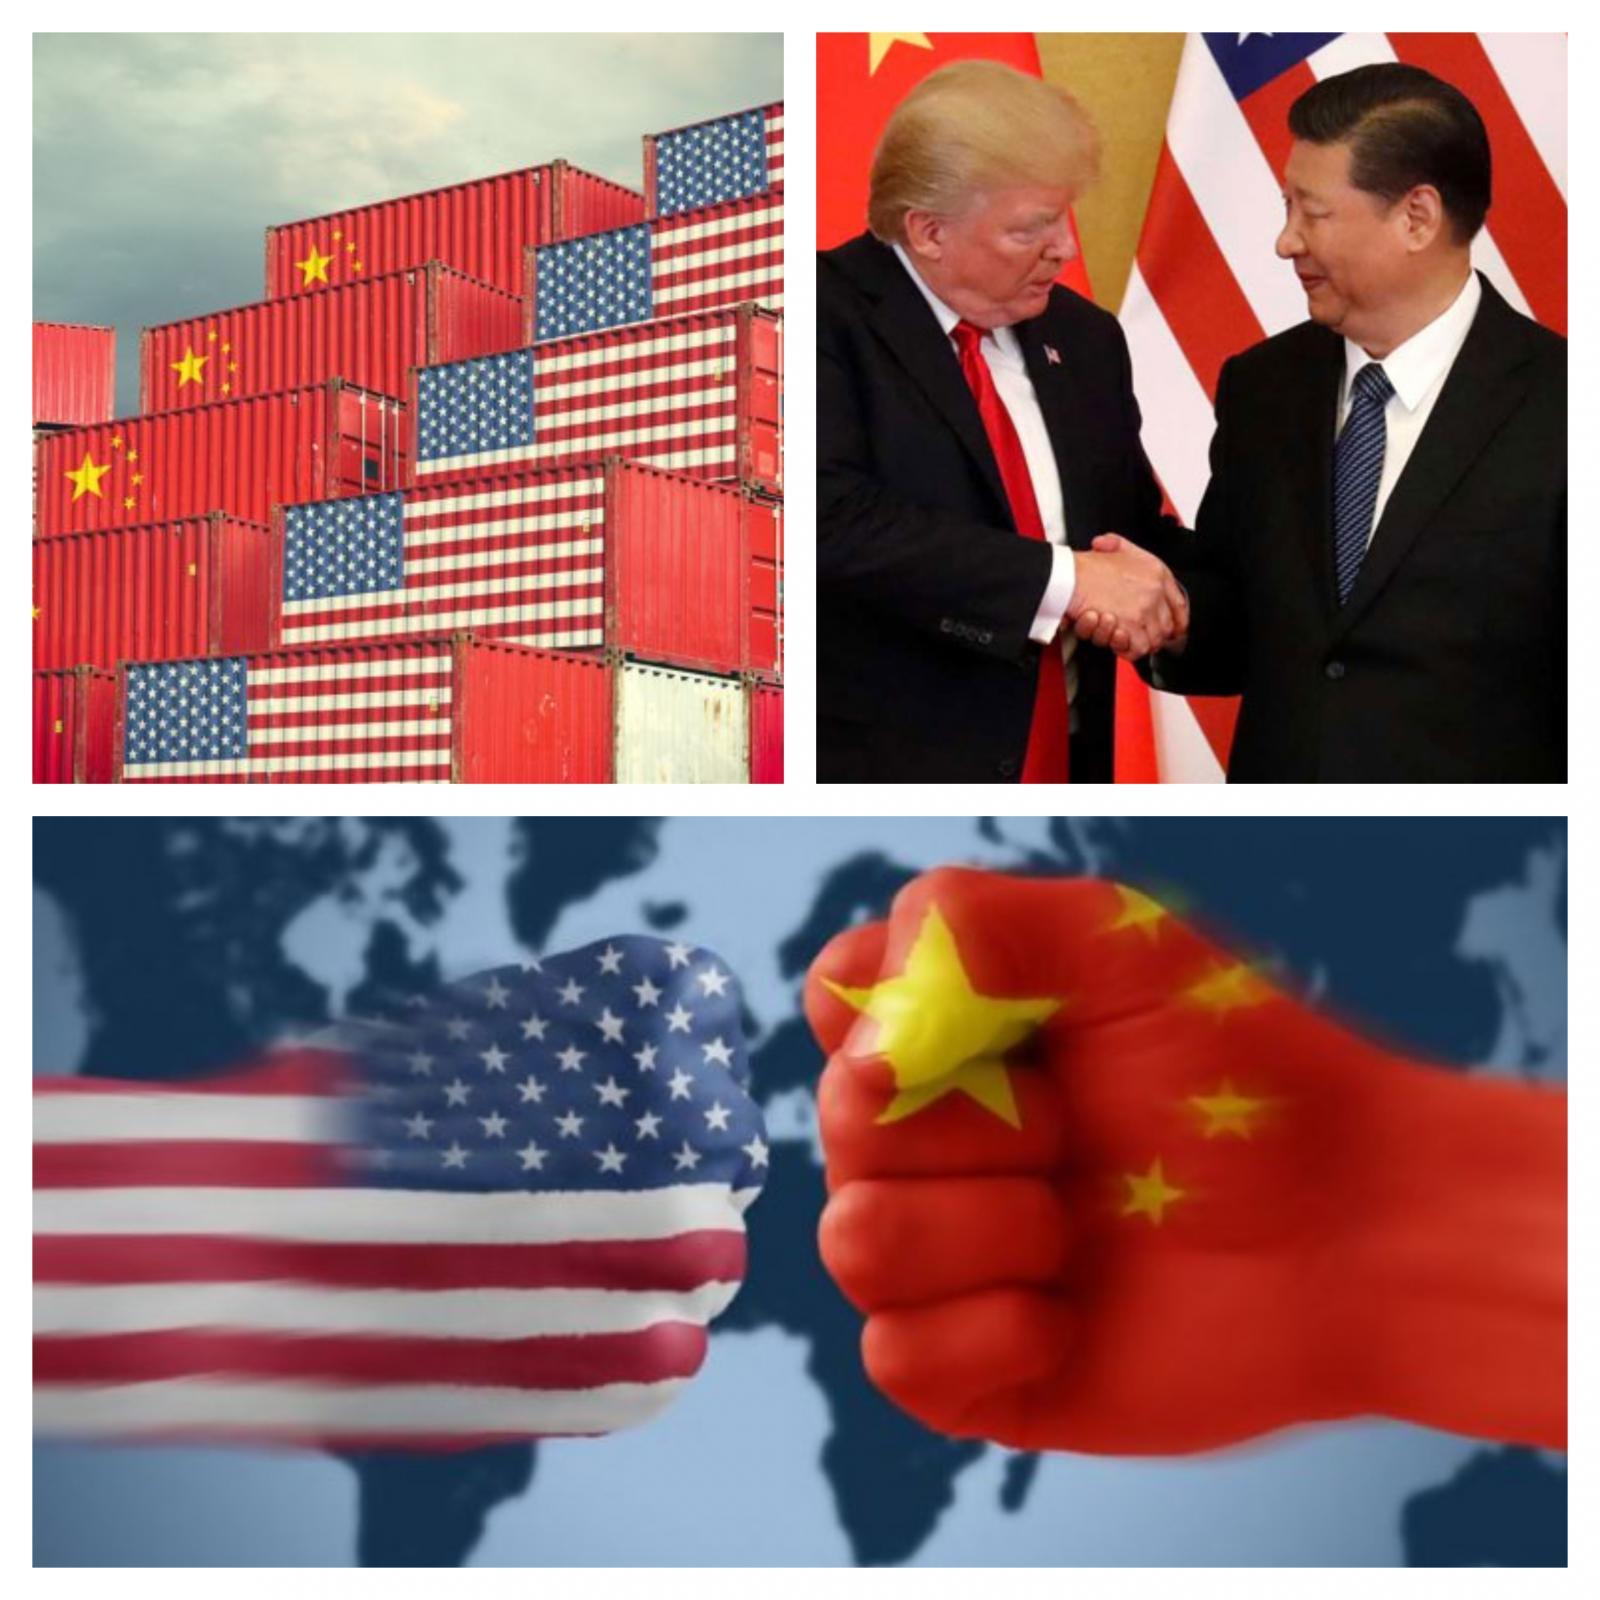 Carinska vojna ZDA - Kitajska